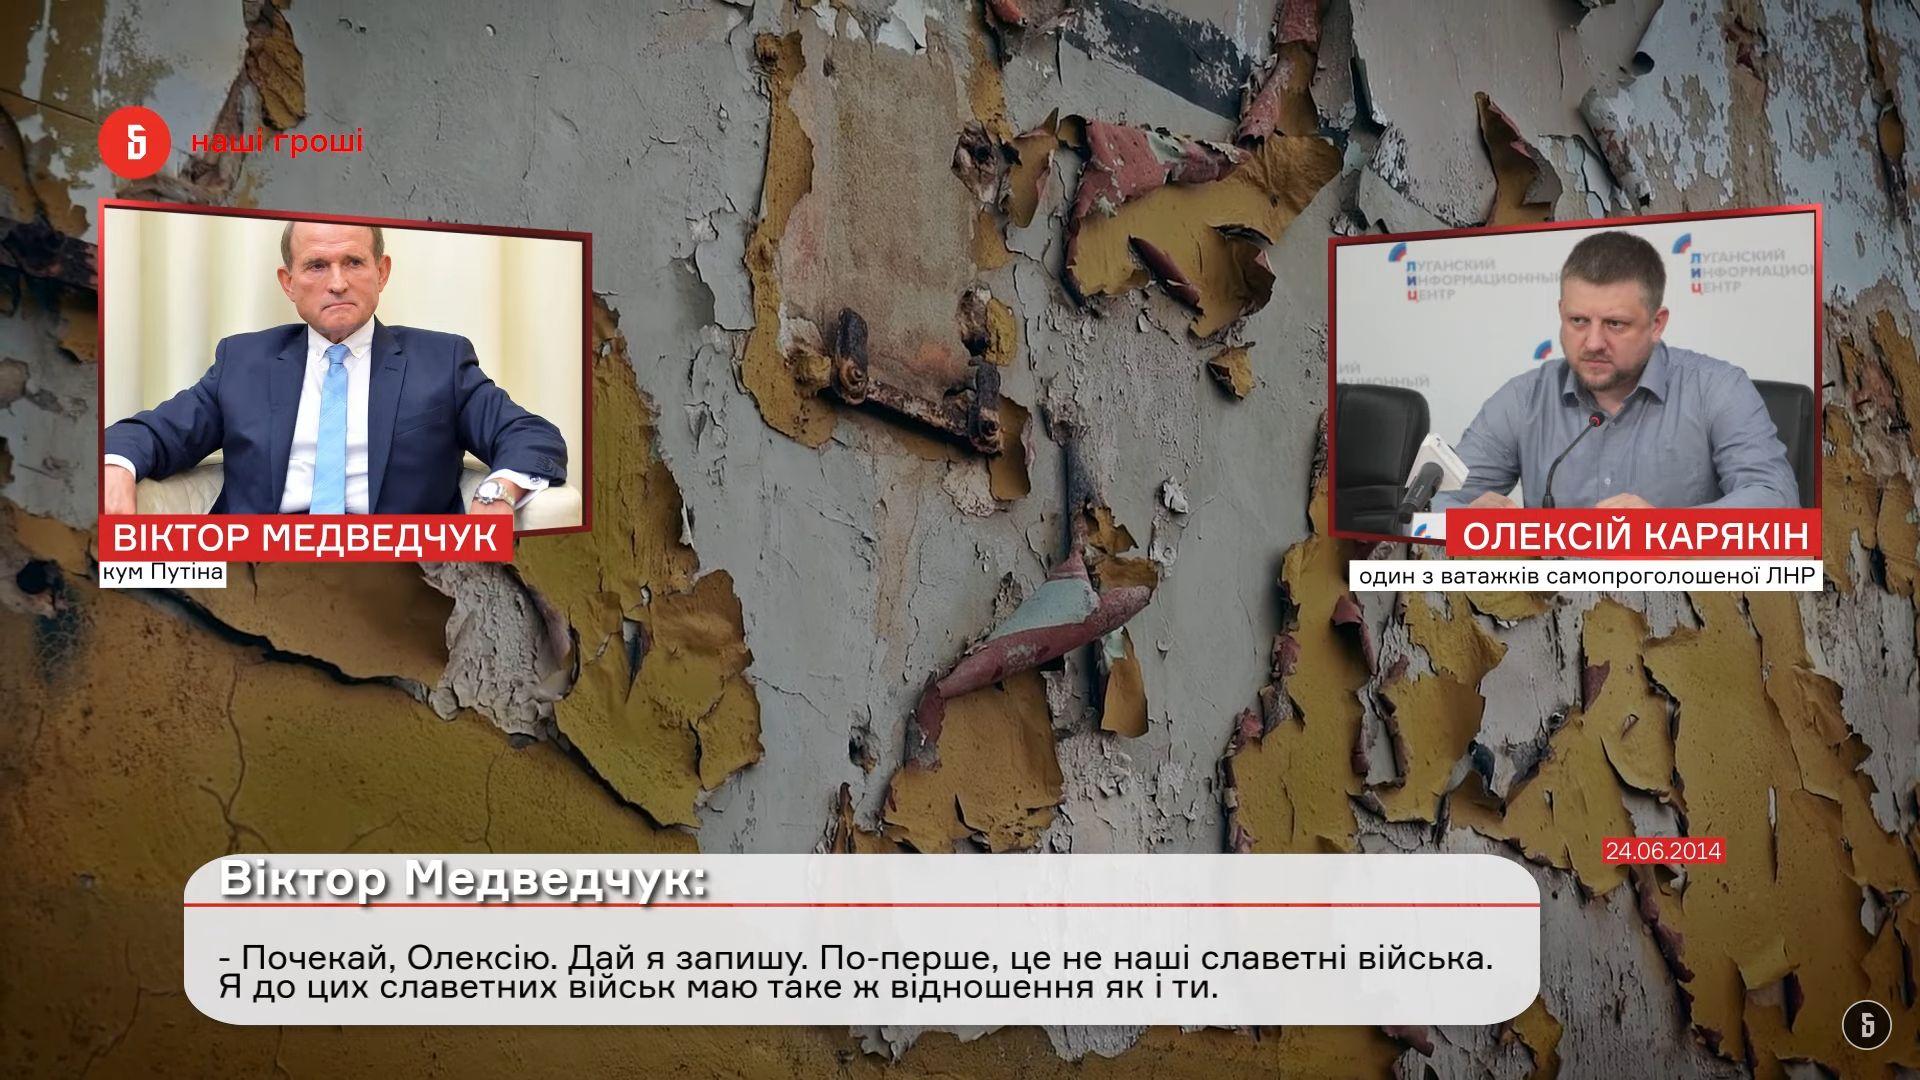 порошенко медведчук